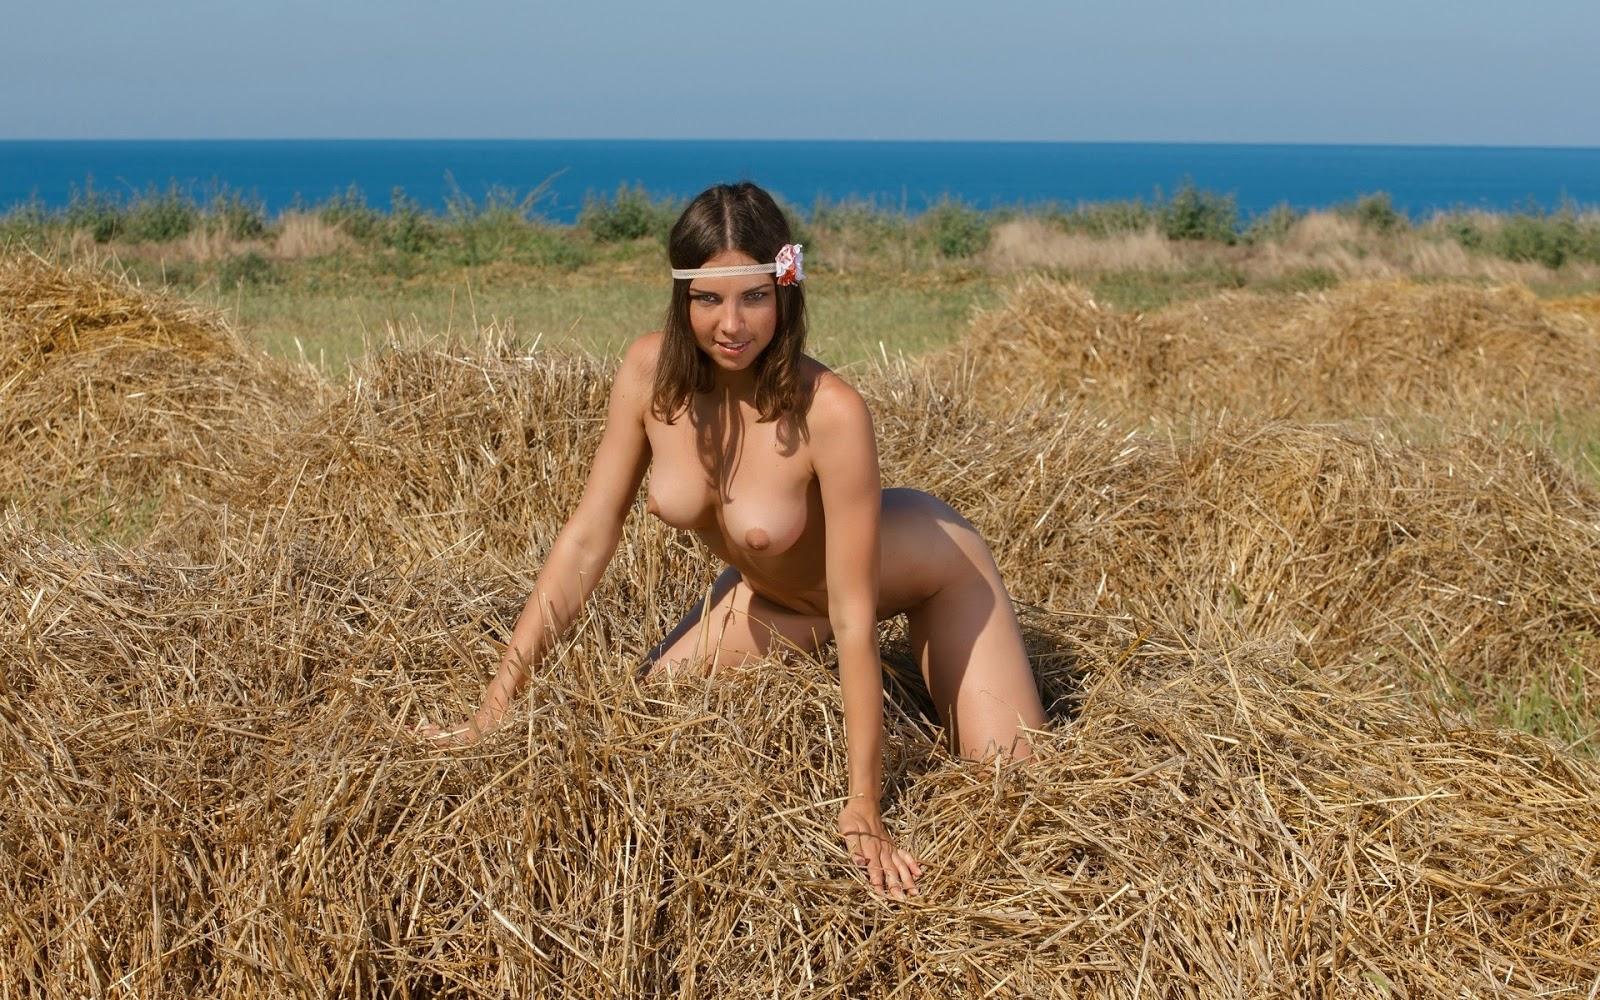 Фотоэротика украинских фотографов 5 фотография